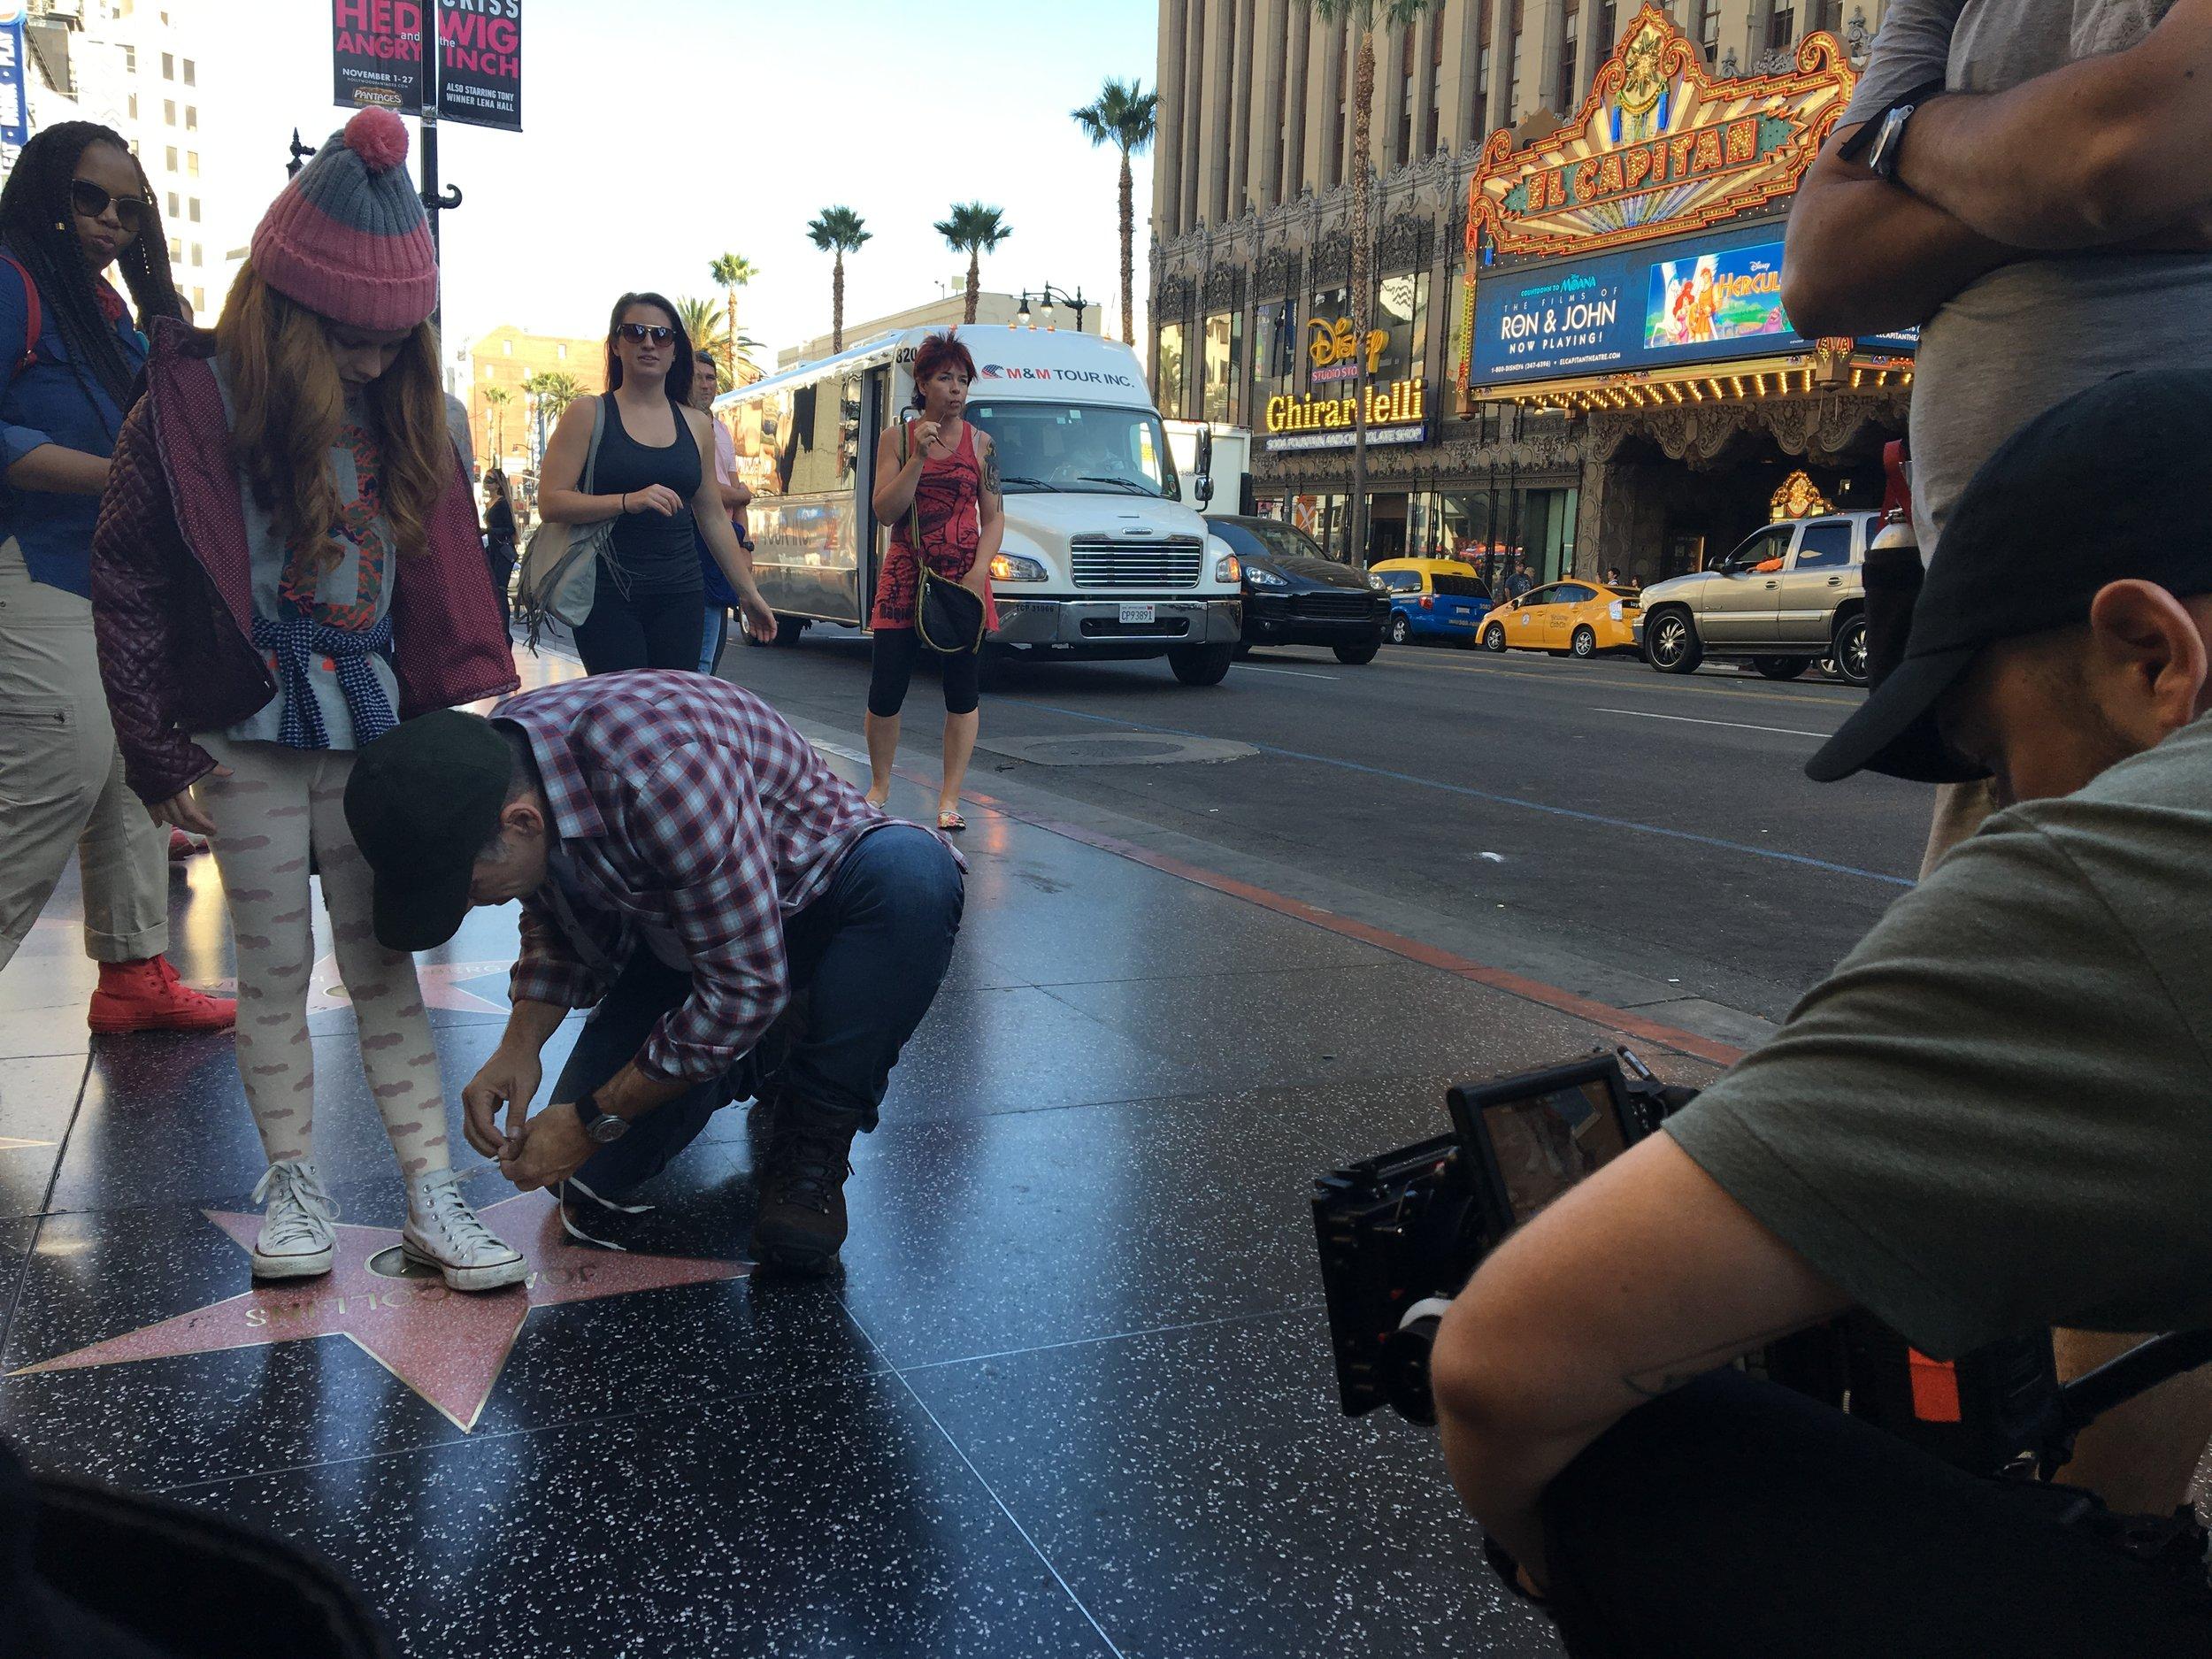 Leandro Hassum atuando com atriz mirim Americana na Calçada da Fama